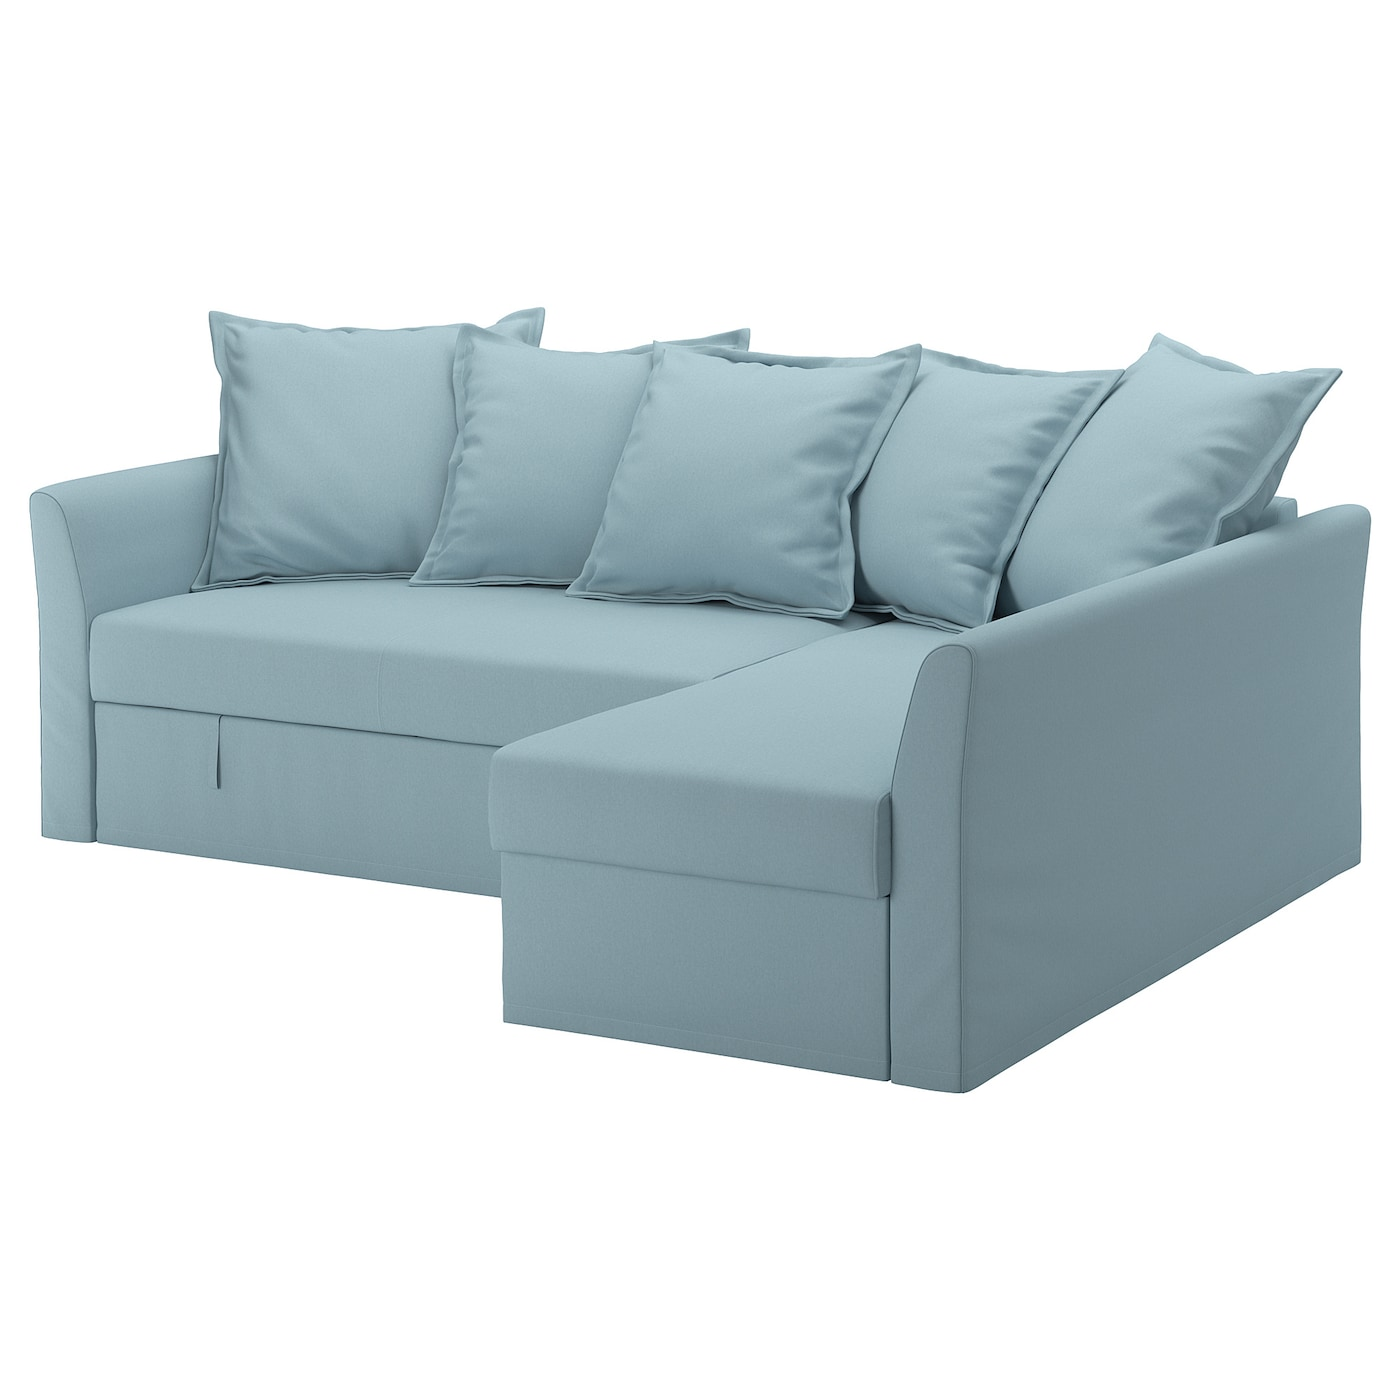 HOLMSUND Corner sofa-bed, Orrsta light blue